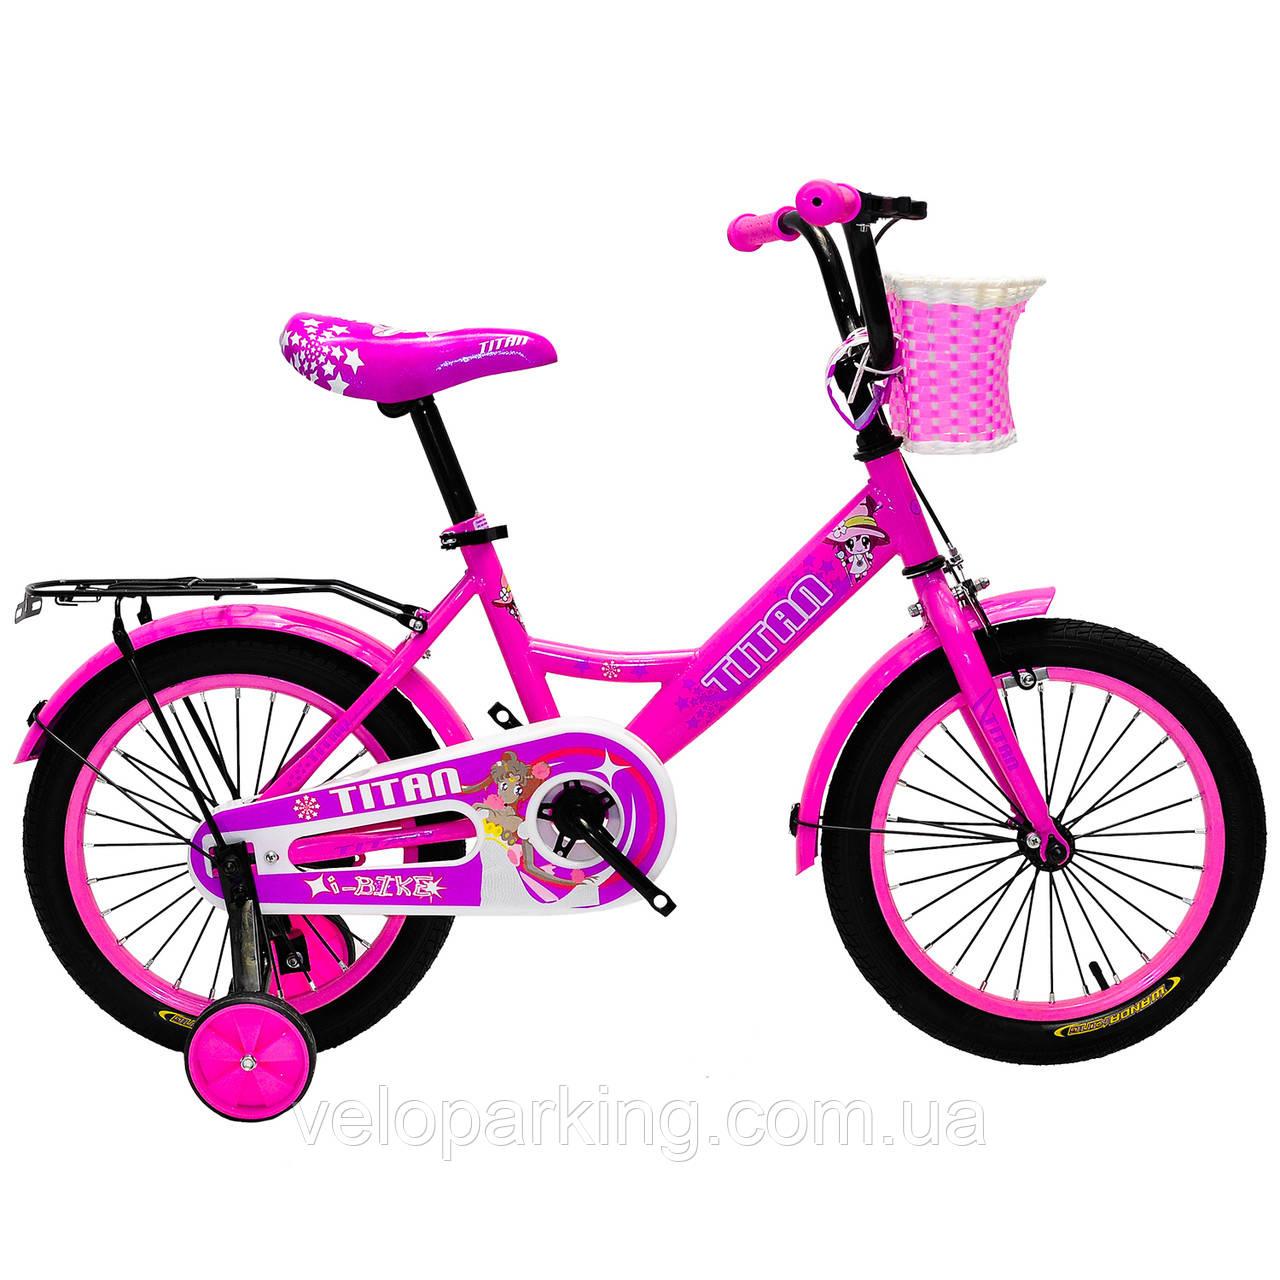 Велосипед детский Titan Classic 16″ (2018) NEW